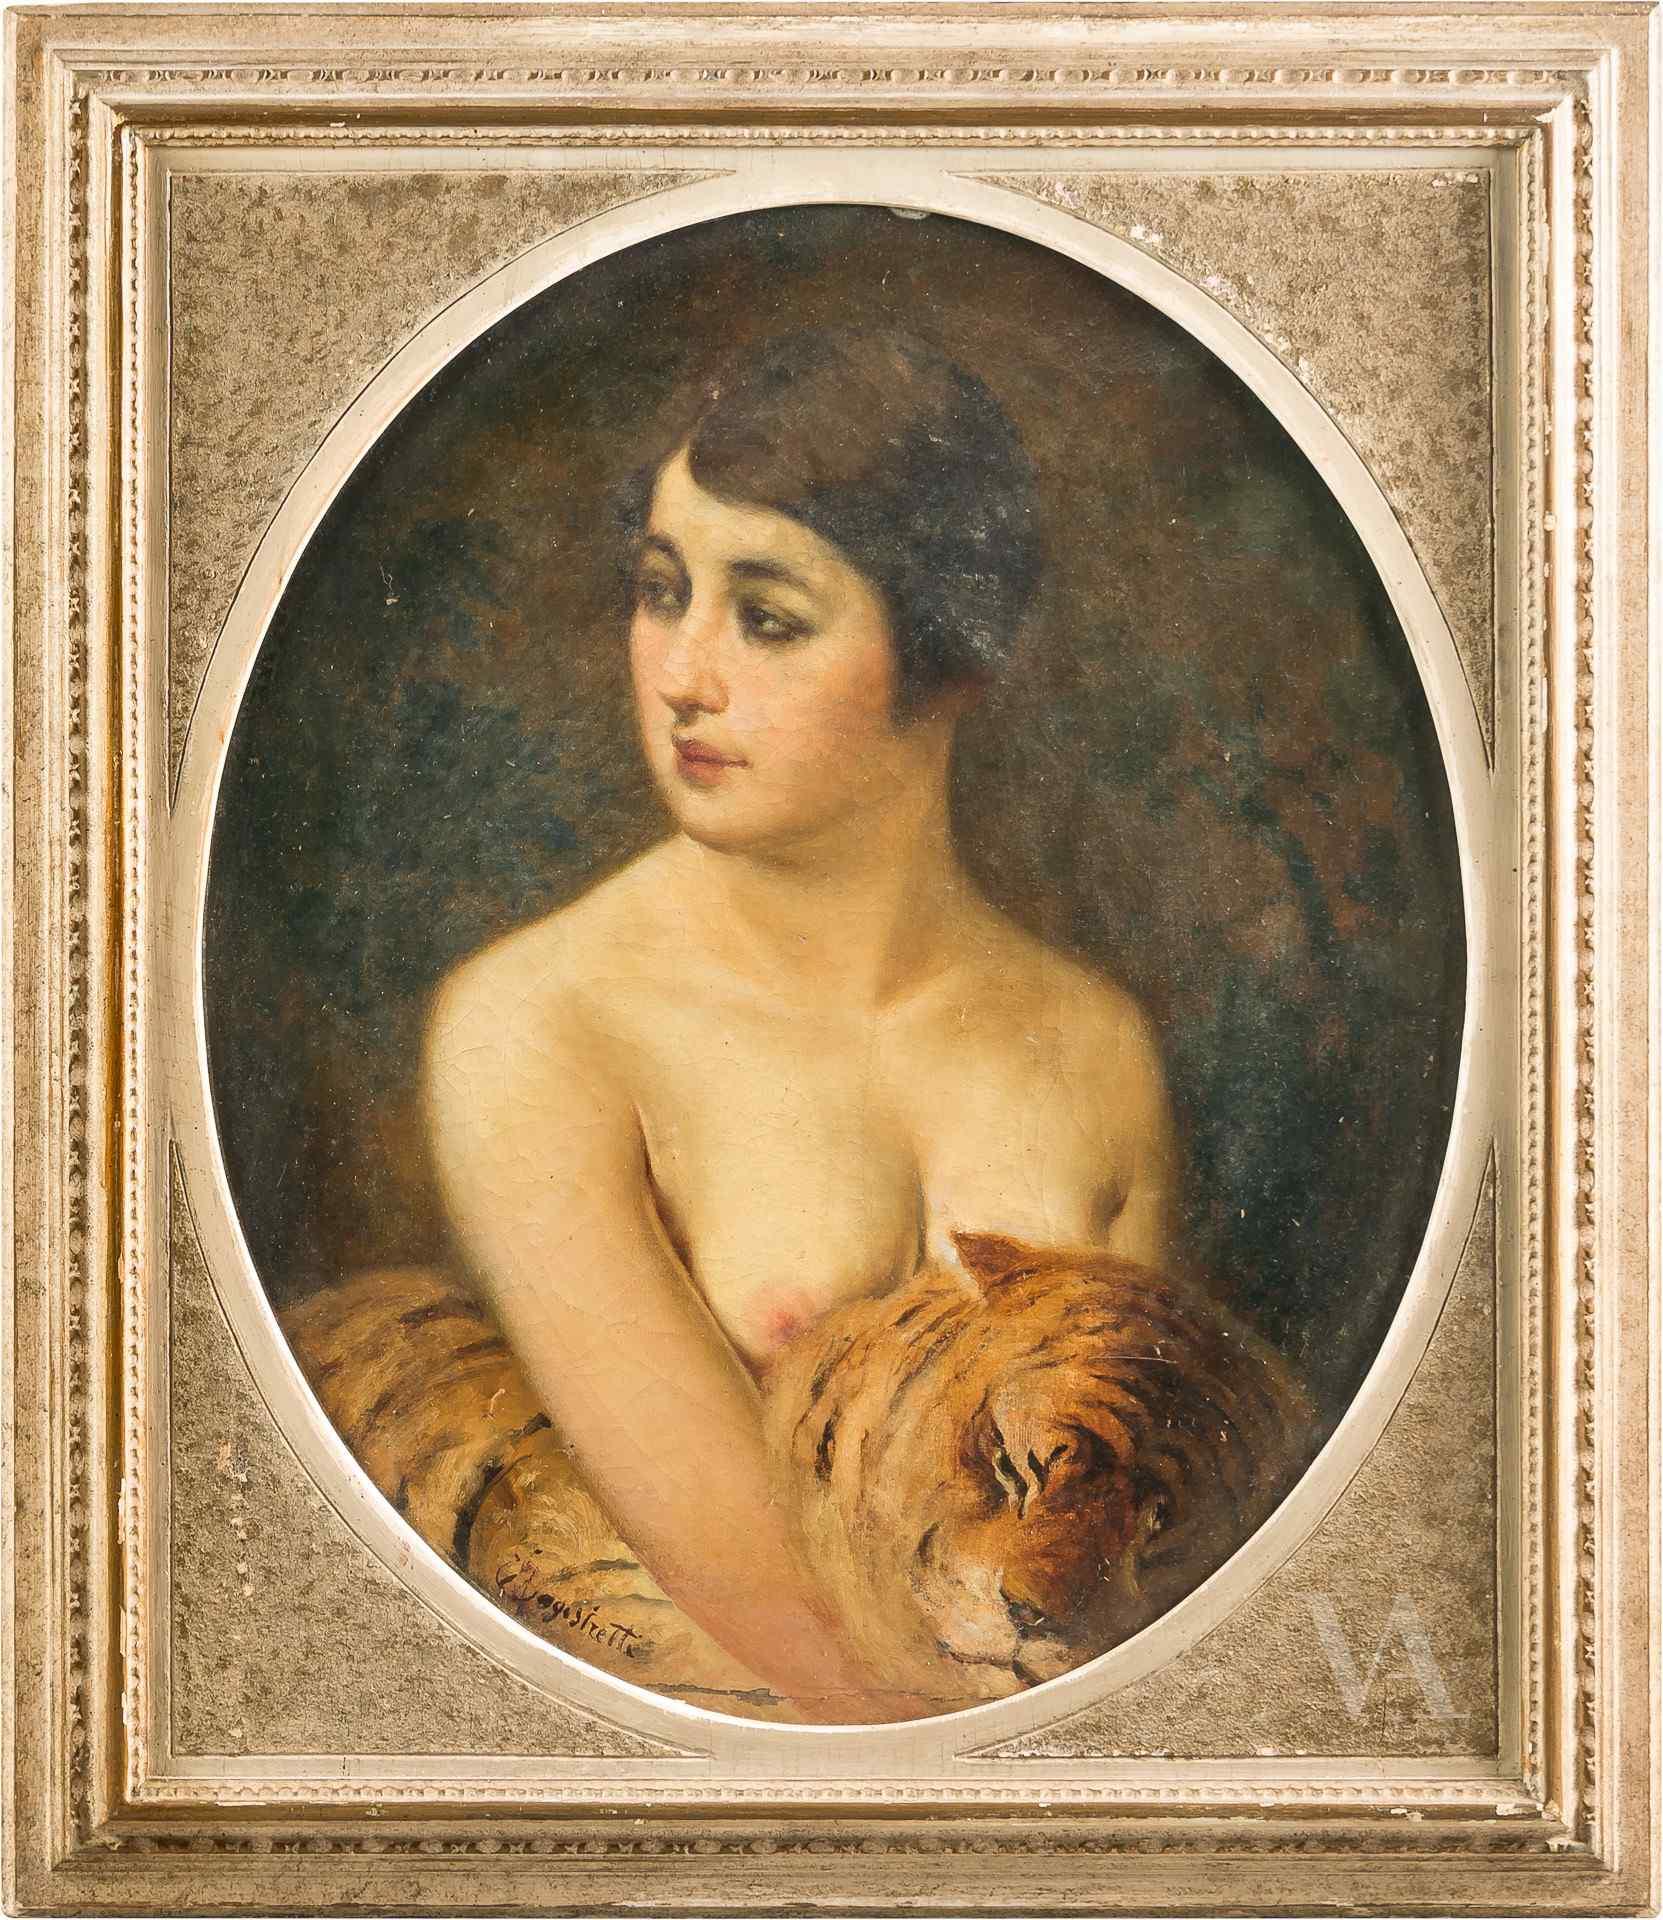 Emilio Magistretti, Portrait d'une fille avec un tigre. 19èm